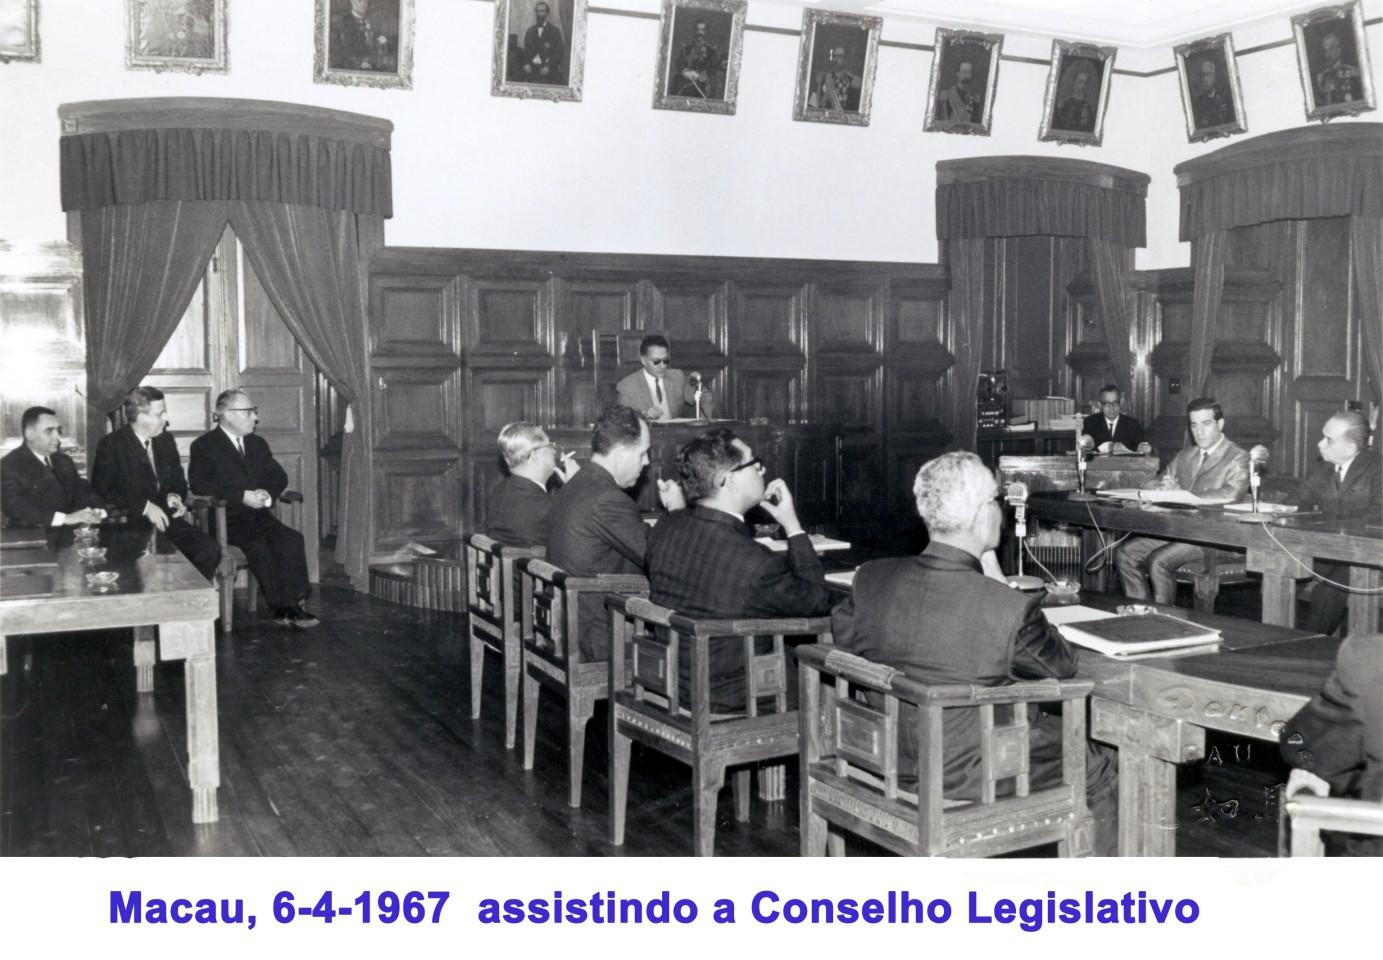 029 67-04-06 assistindo a Conselho Legislativo